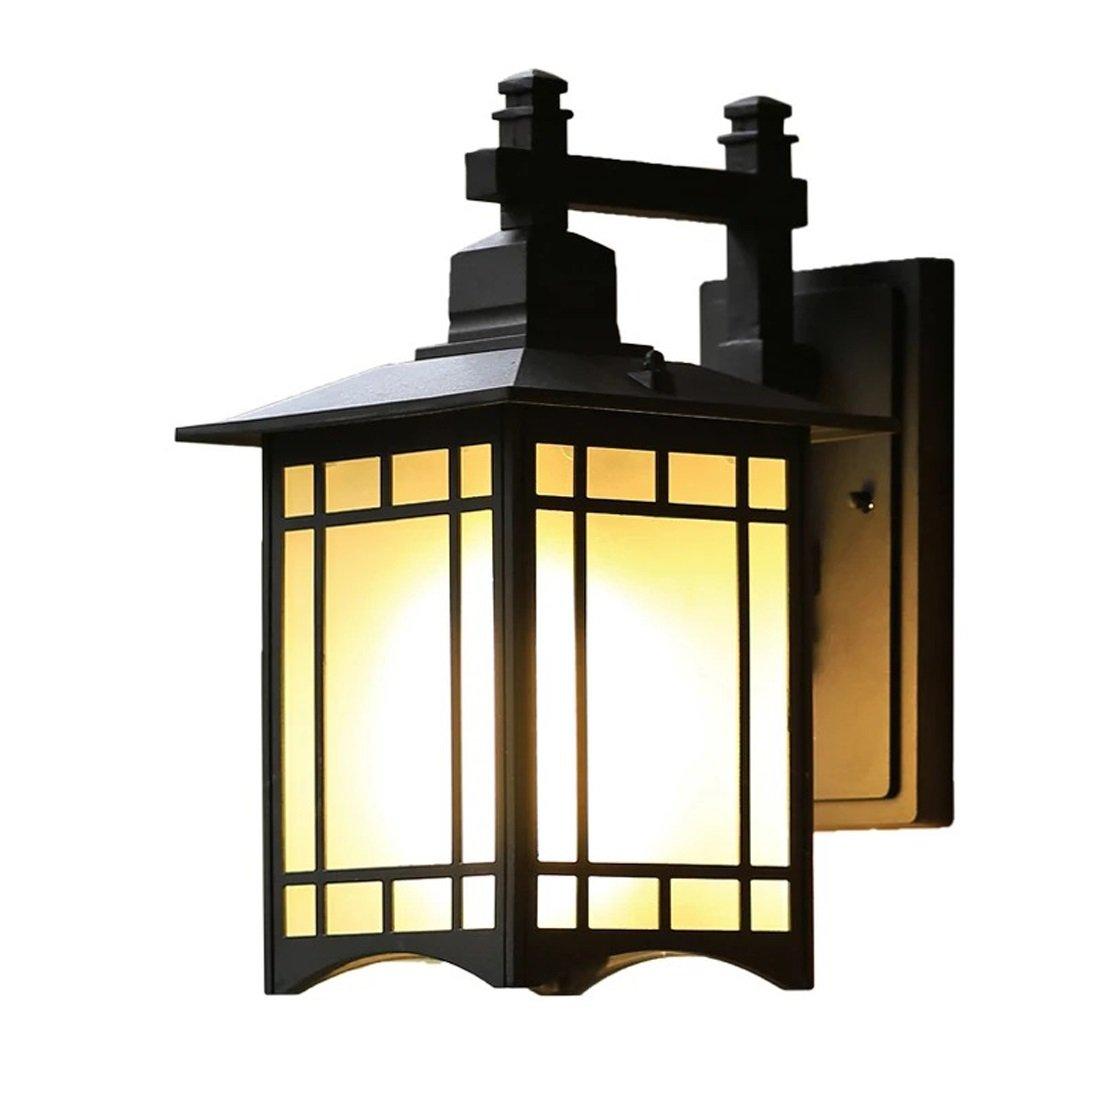 Ydxwan Moderne Minimalistische Outdoor-Wandleuchte im Japanischen Stil Wasserdichte LED-Leuchten im Freien/Hof/Villa/Balkon/Korridor/Gangbeleuchtung